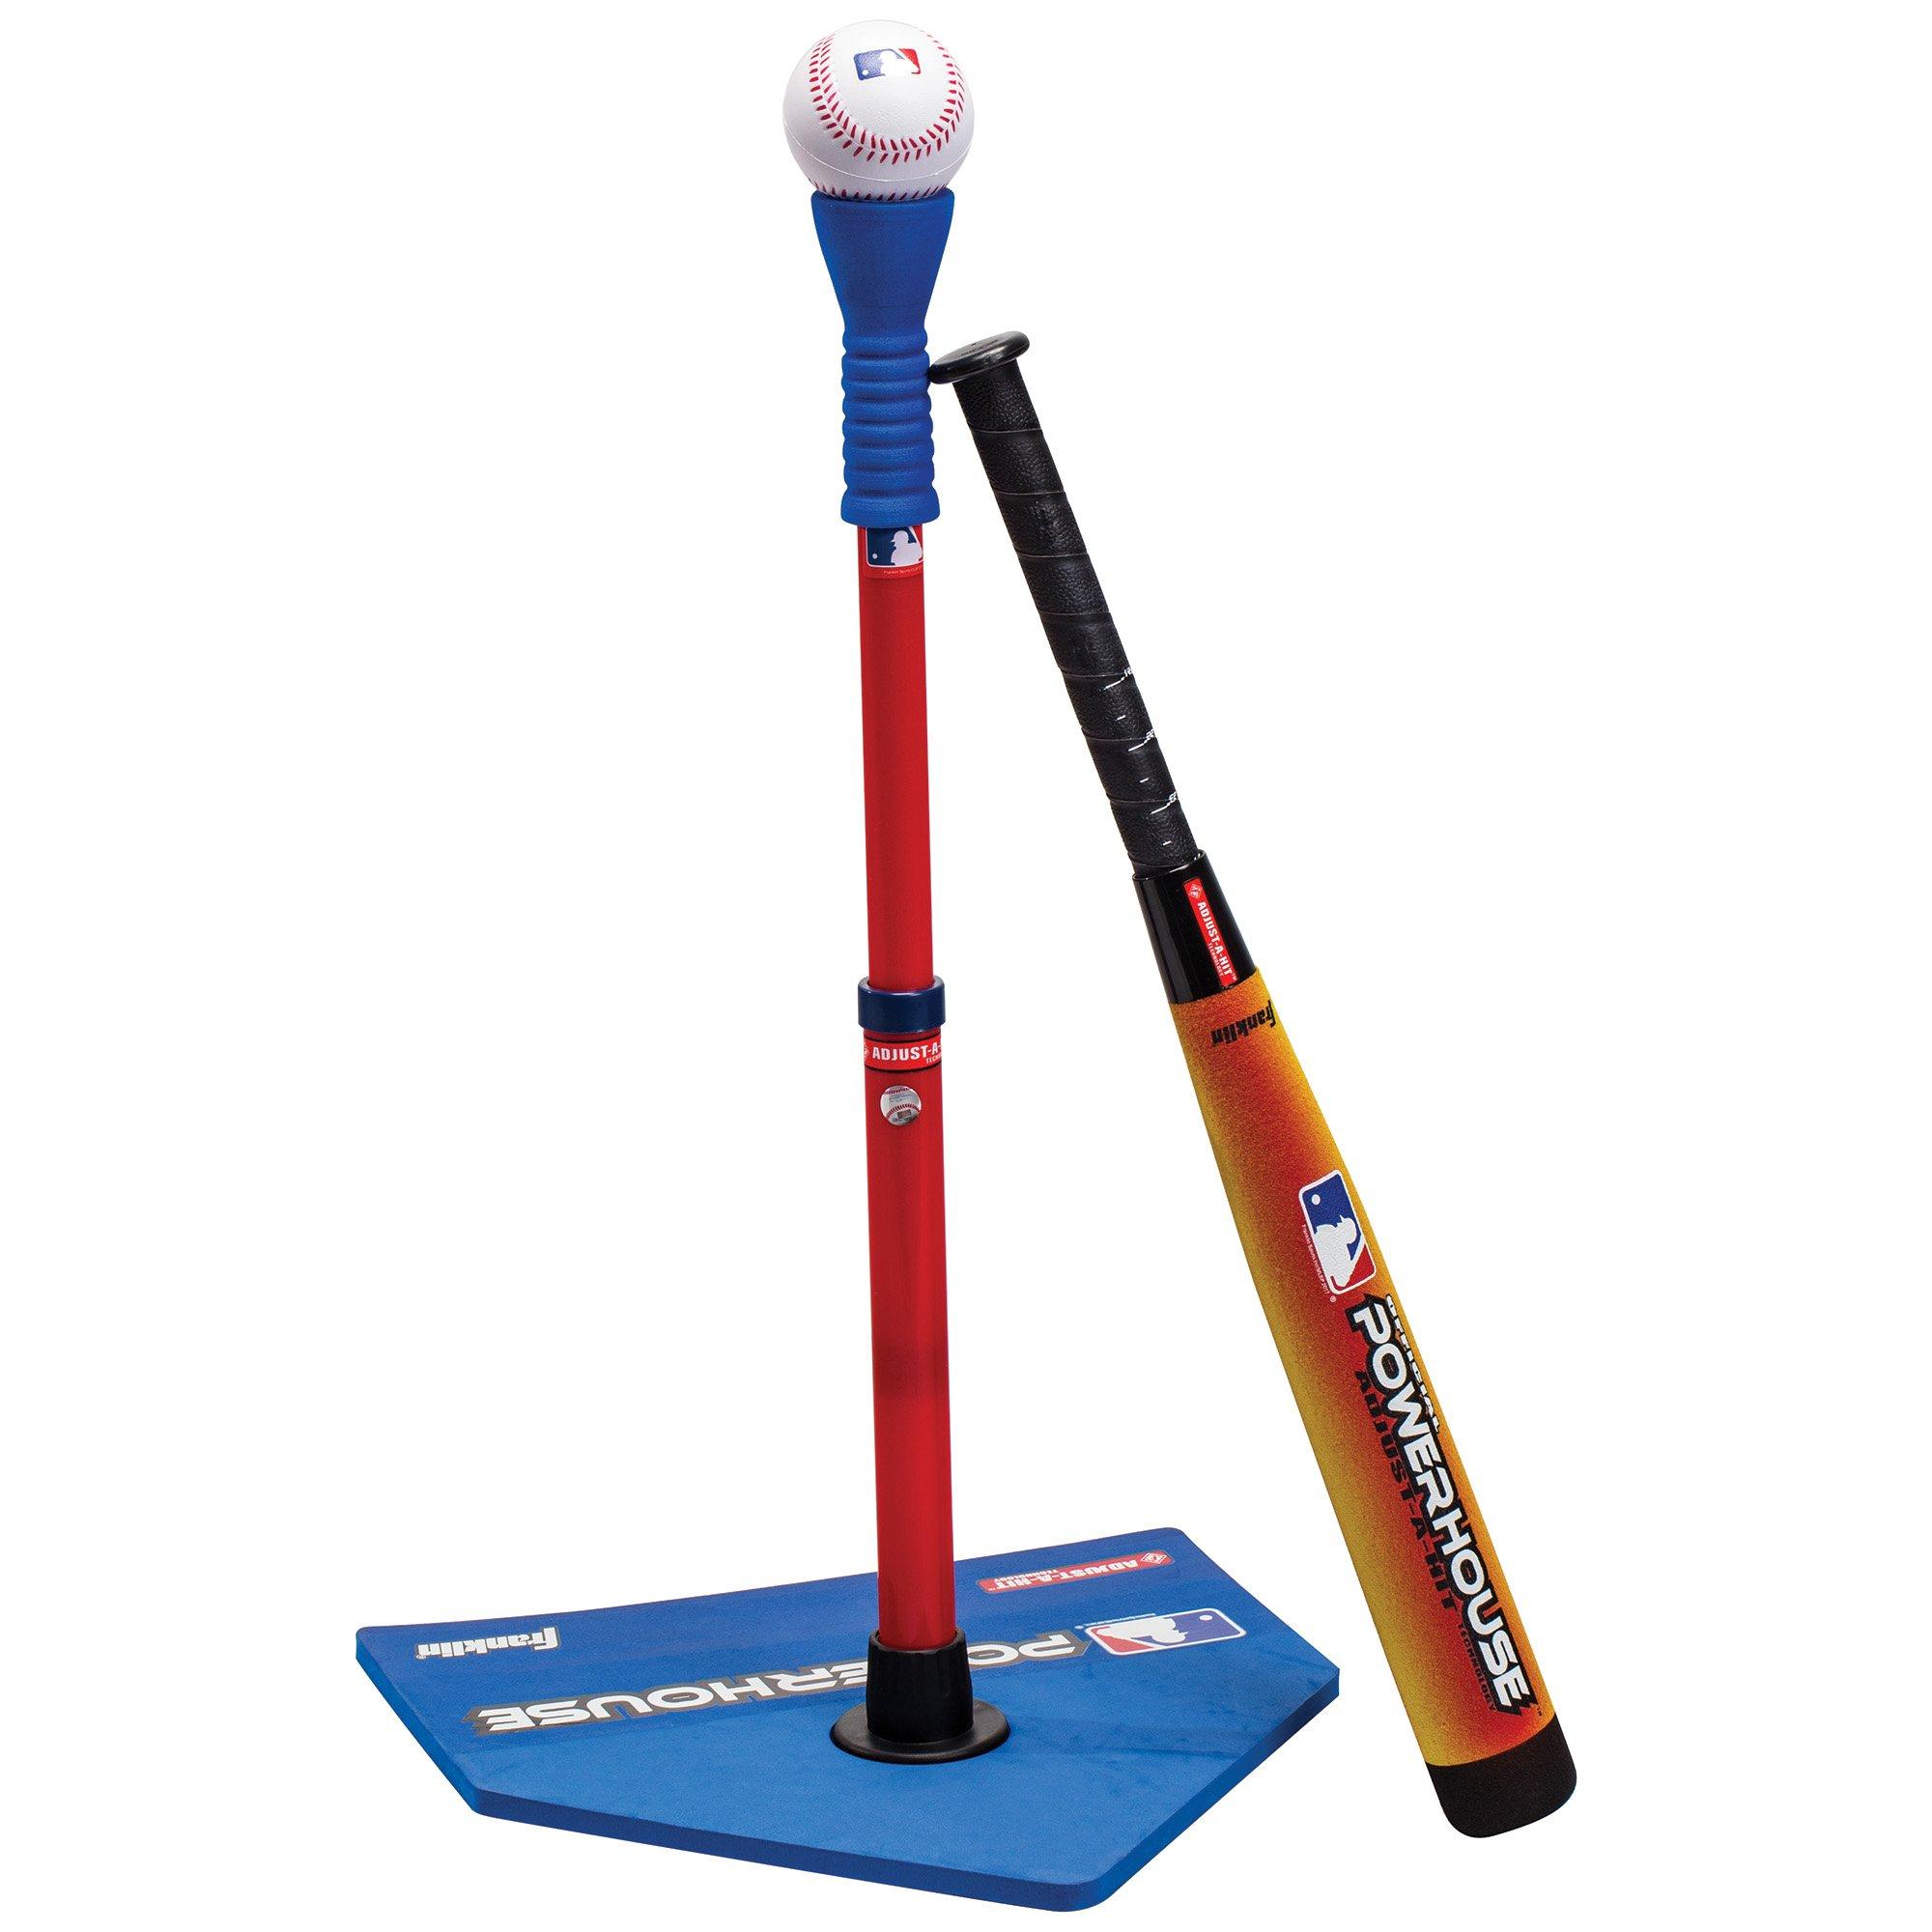 Franklin Sports MLB Adjust-A-Hit T-Ball Set by Franklin Sports